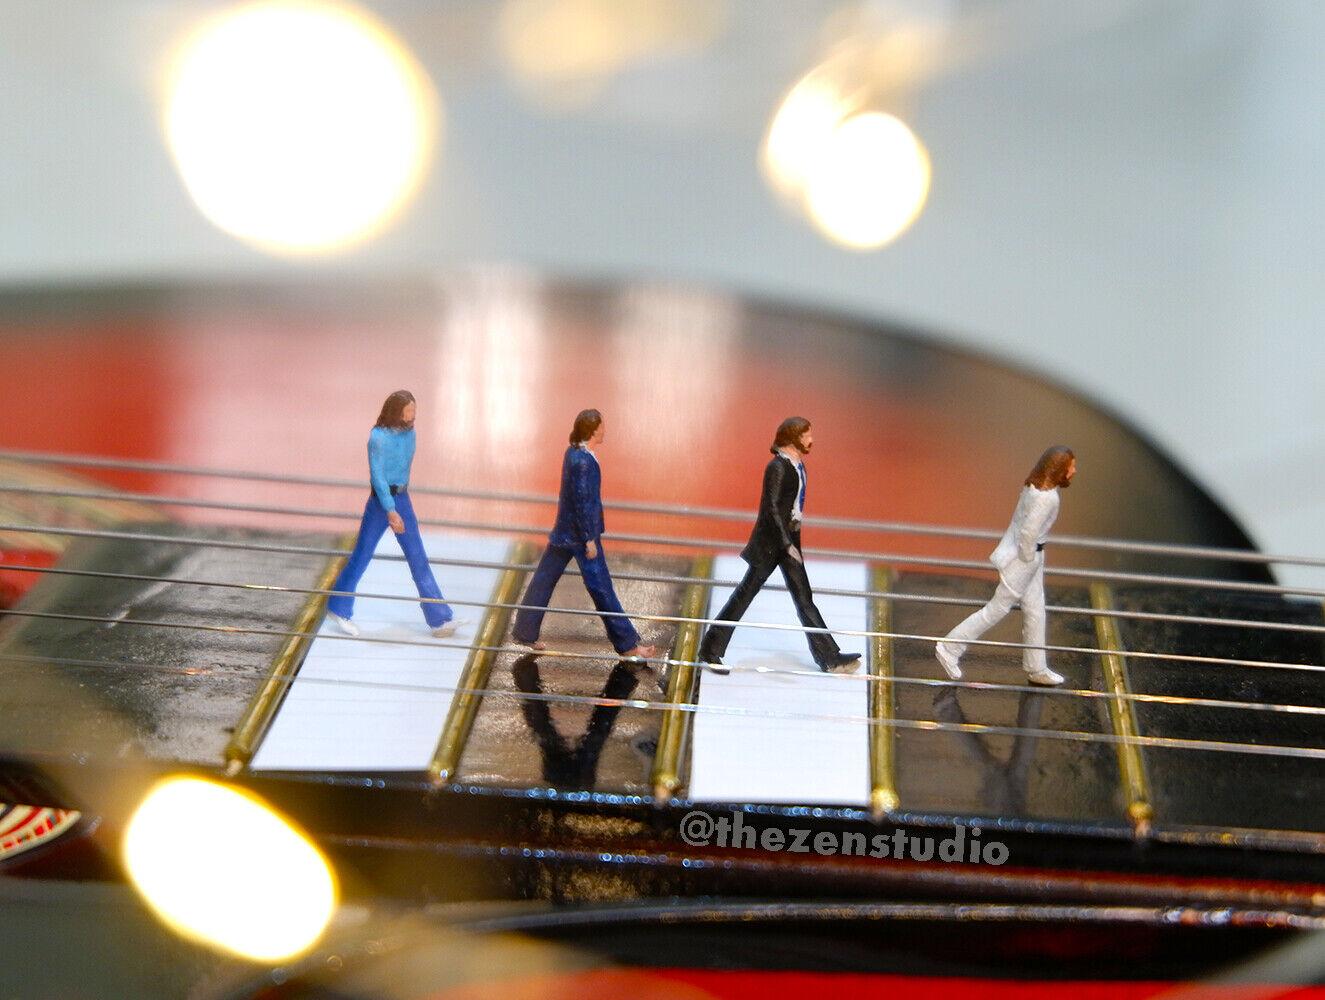 The Beatles Abbey strada esclusivo Full Set ho 1 87 miniatura personaggio non Preiser